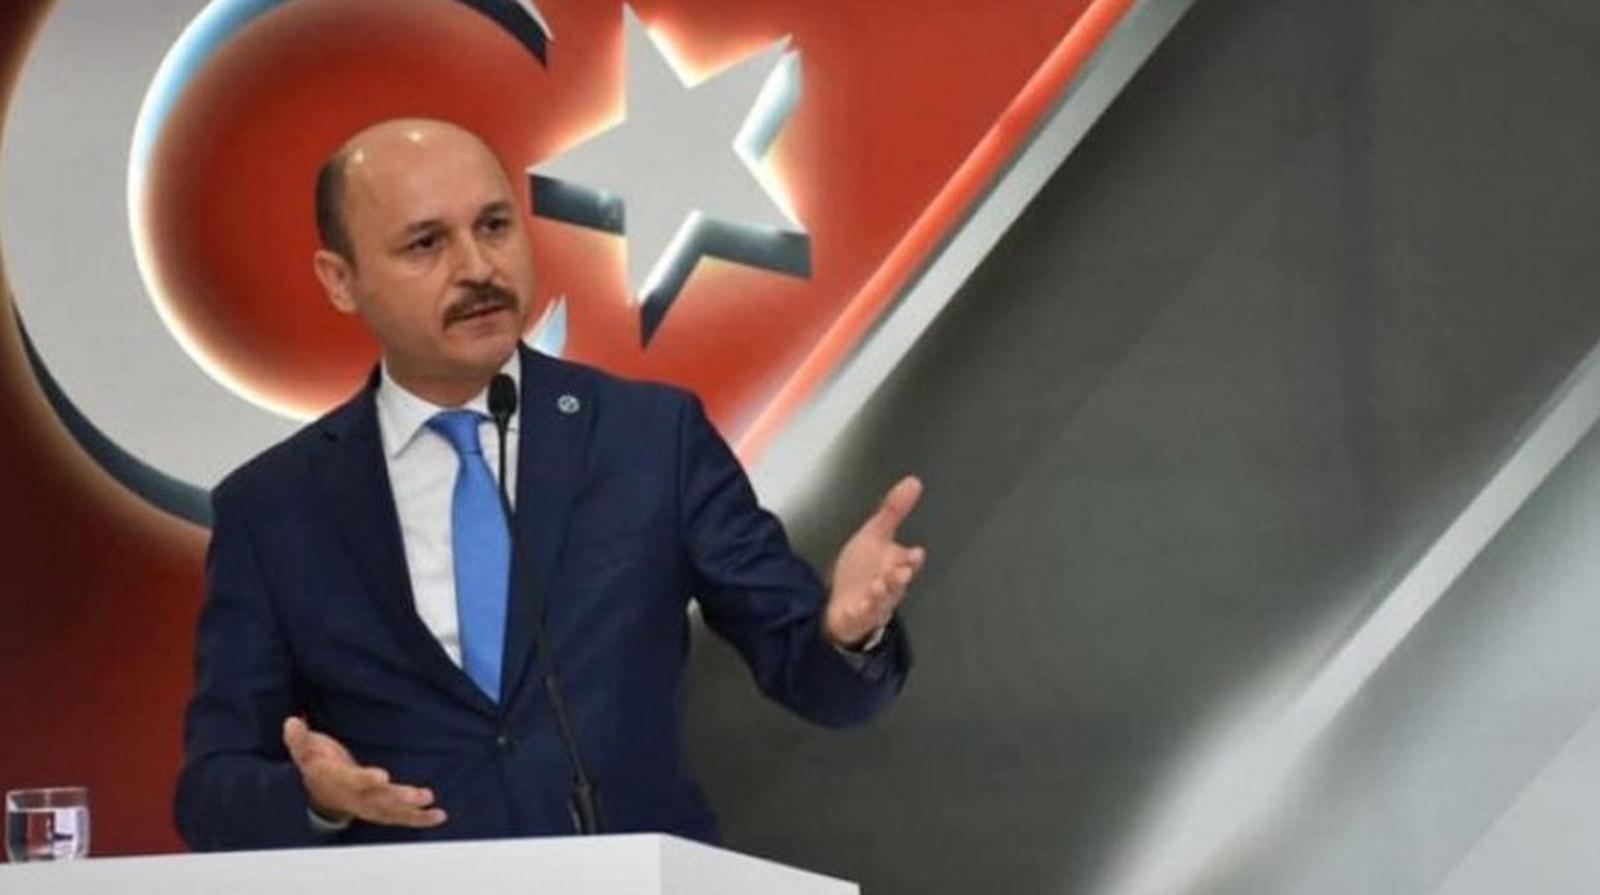 Türk Eğitim-Sen Genel Başkanı Geylan'dan Tatar'a teşekkür, Akıncı'ya tepki